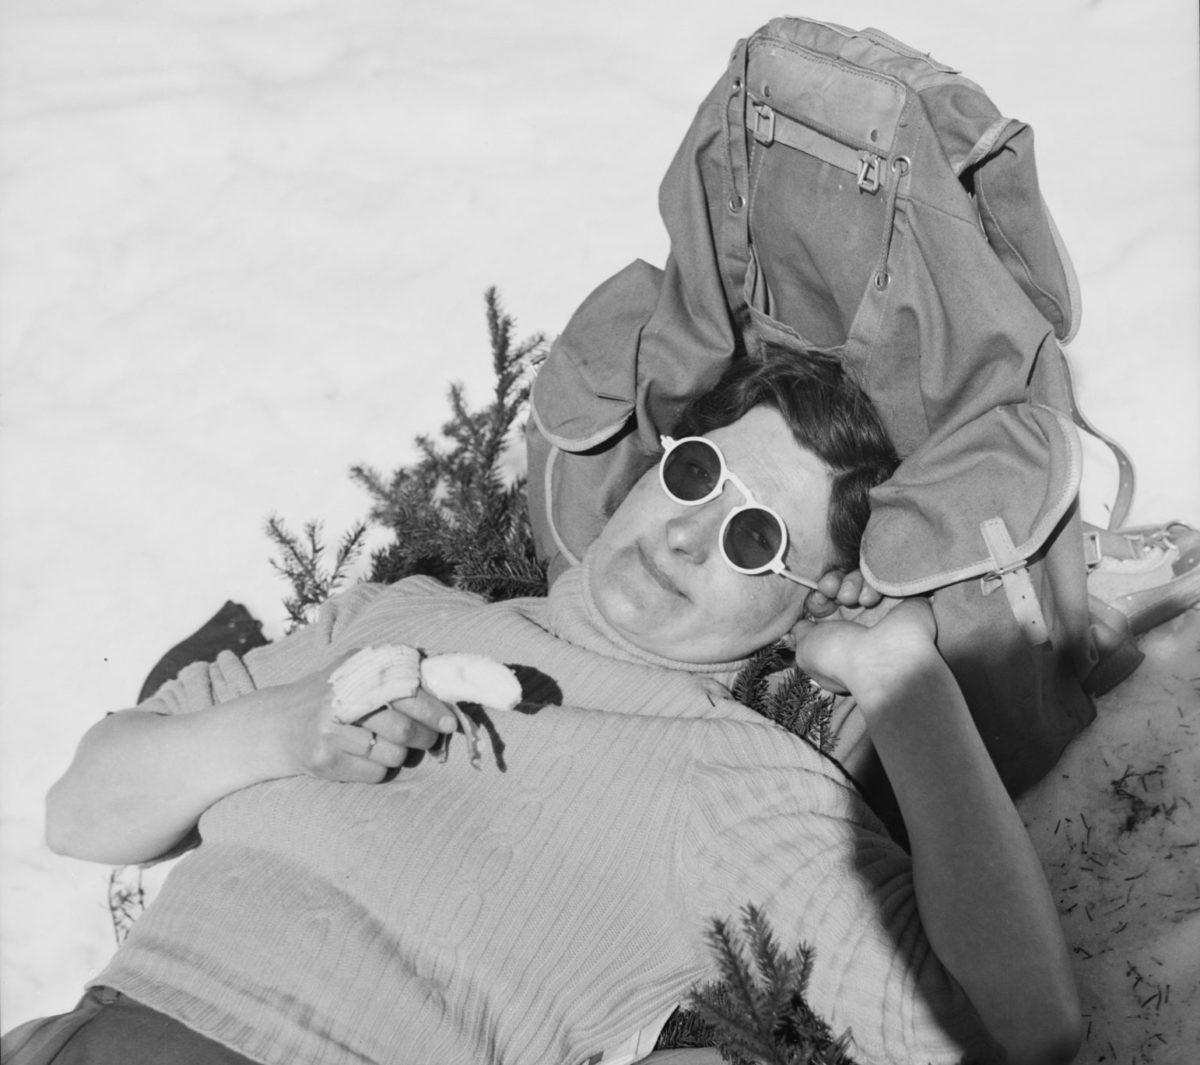 Kvinne med solbriller ligger i snøen, lener hodet mot sekk, spiser banan.